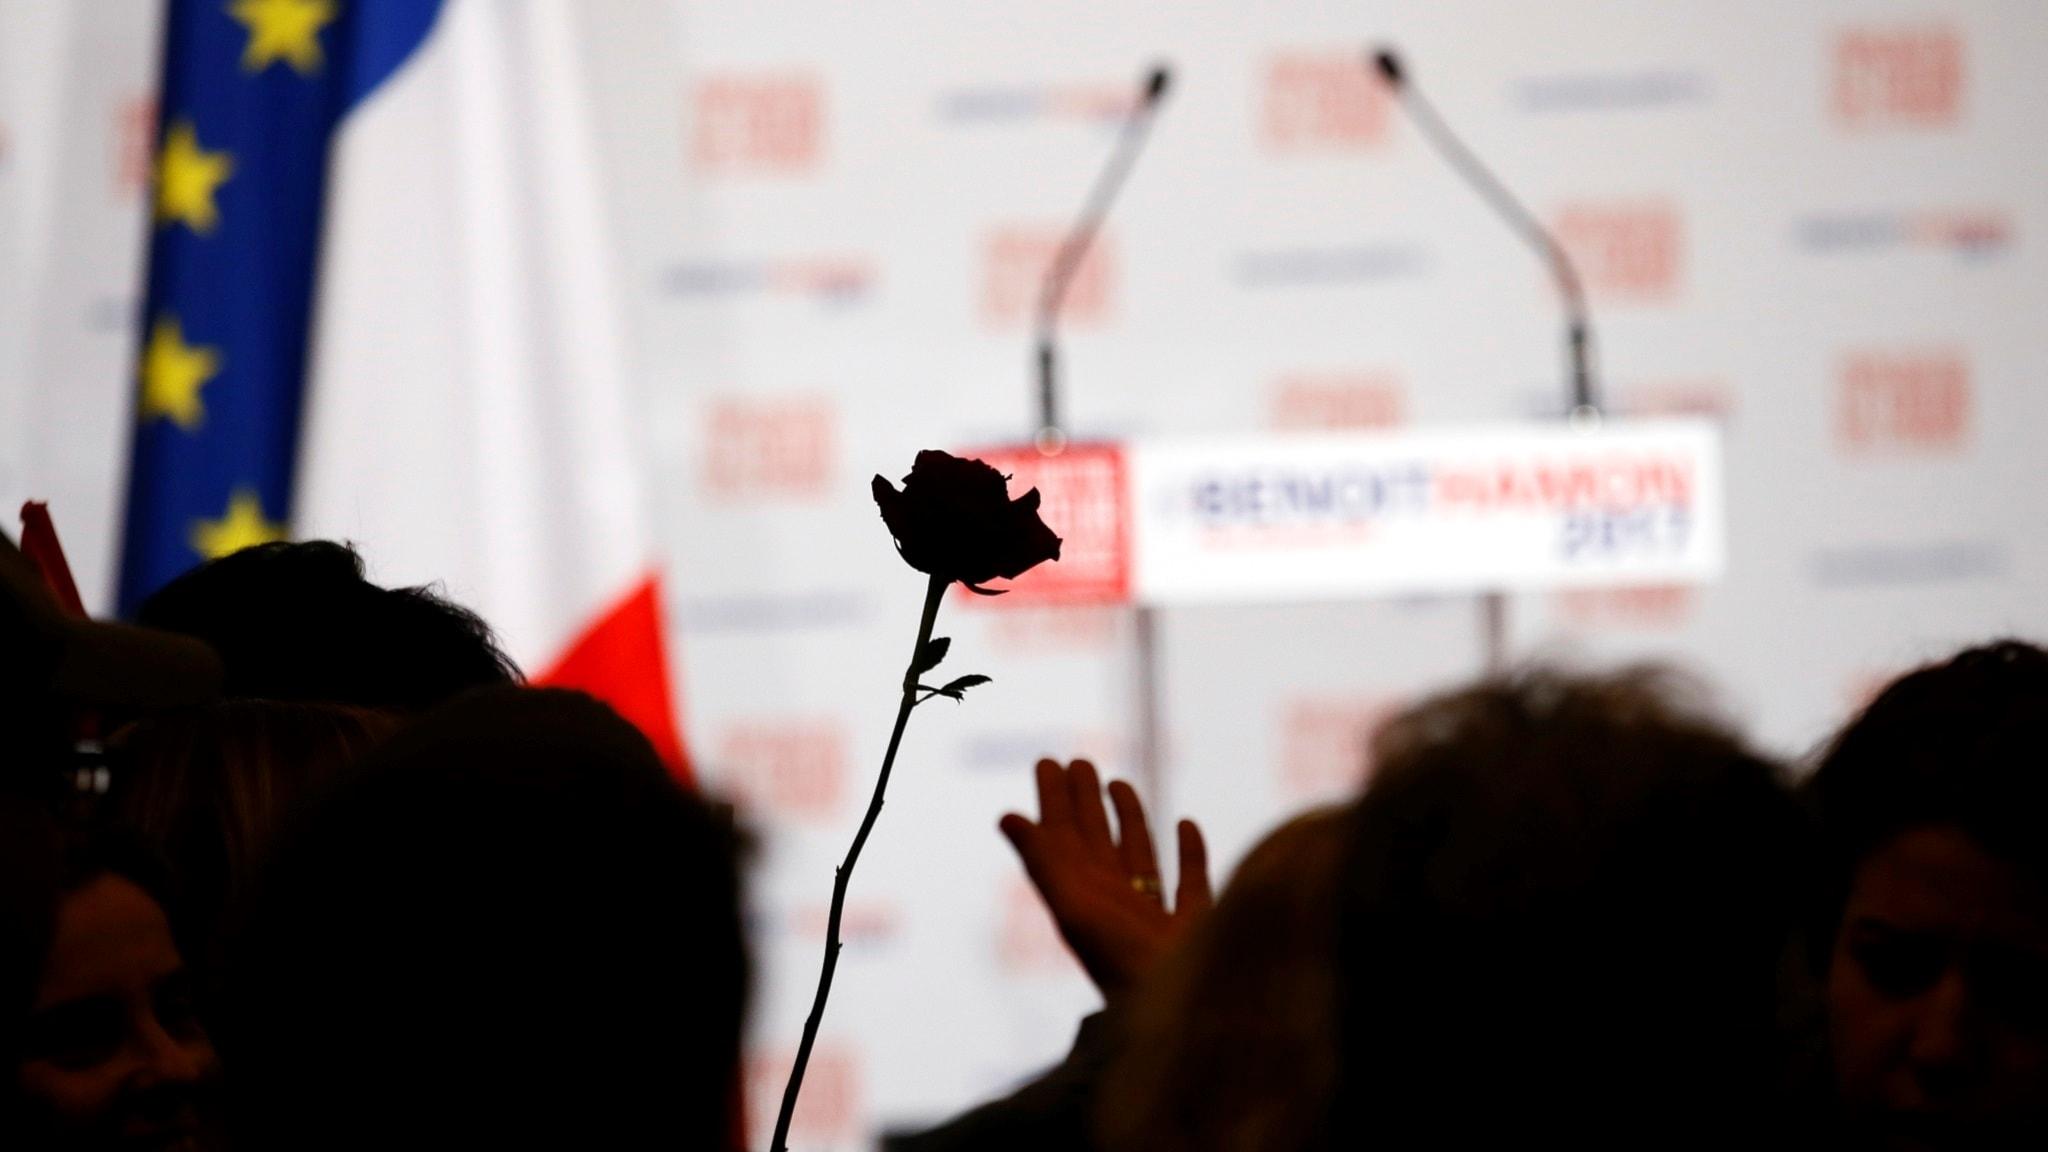 Är socialdemokratin död?